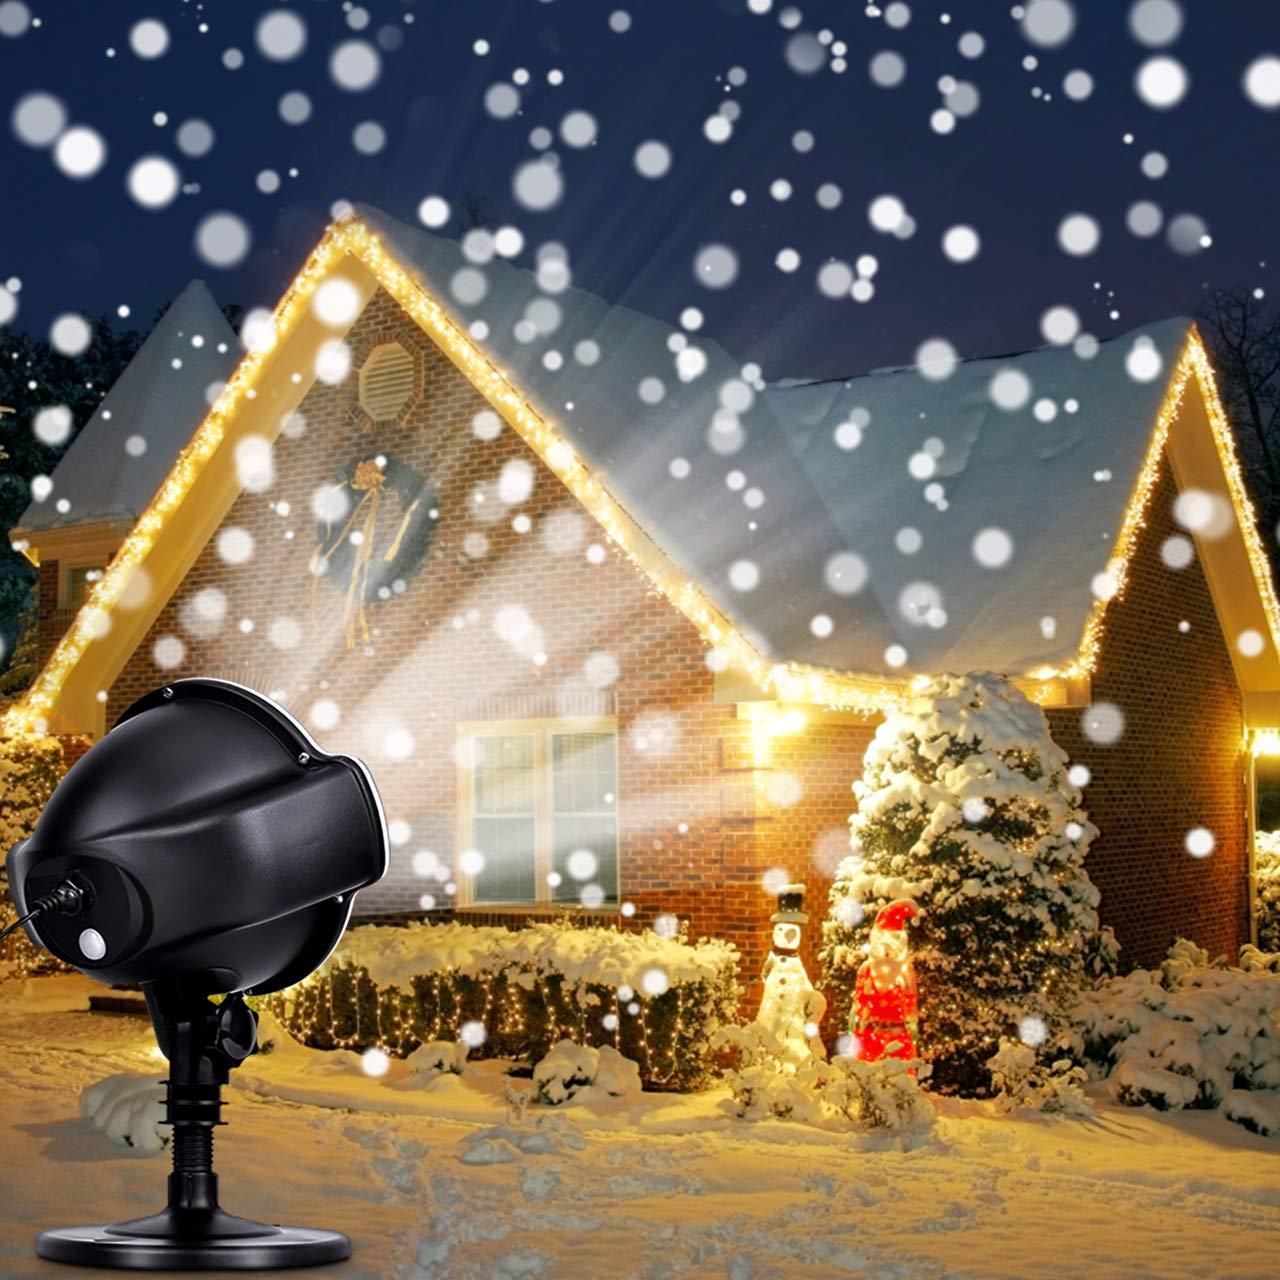 Proiettore Luci Natalizie Per Esterno Negozio.Proiettore Luci Natale Proiettore Di Luci Led Natale Effetto Neve Multi Modi Impermeabile Ip44 Proiettore Natale Da Esterno Proiettore Bassa